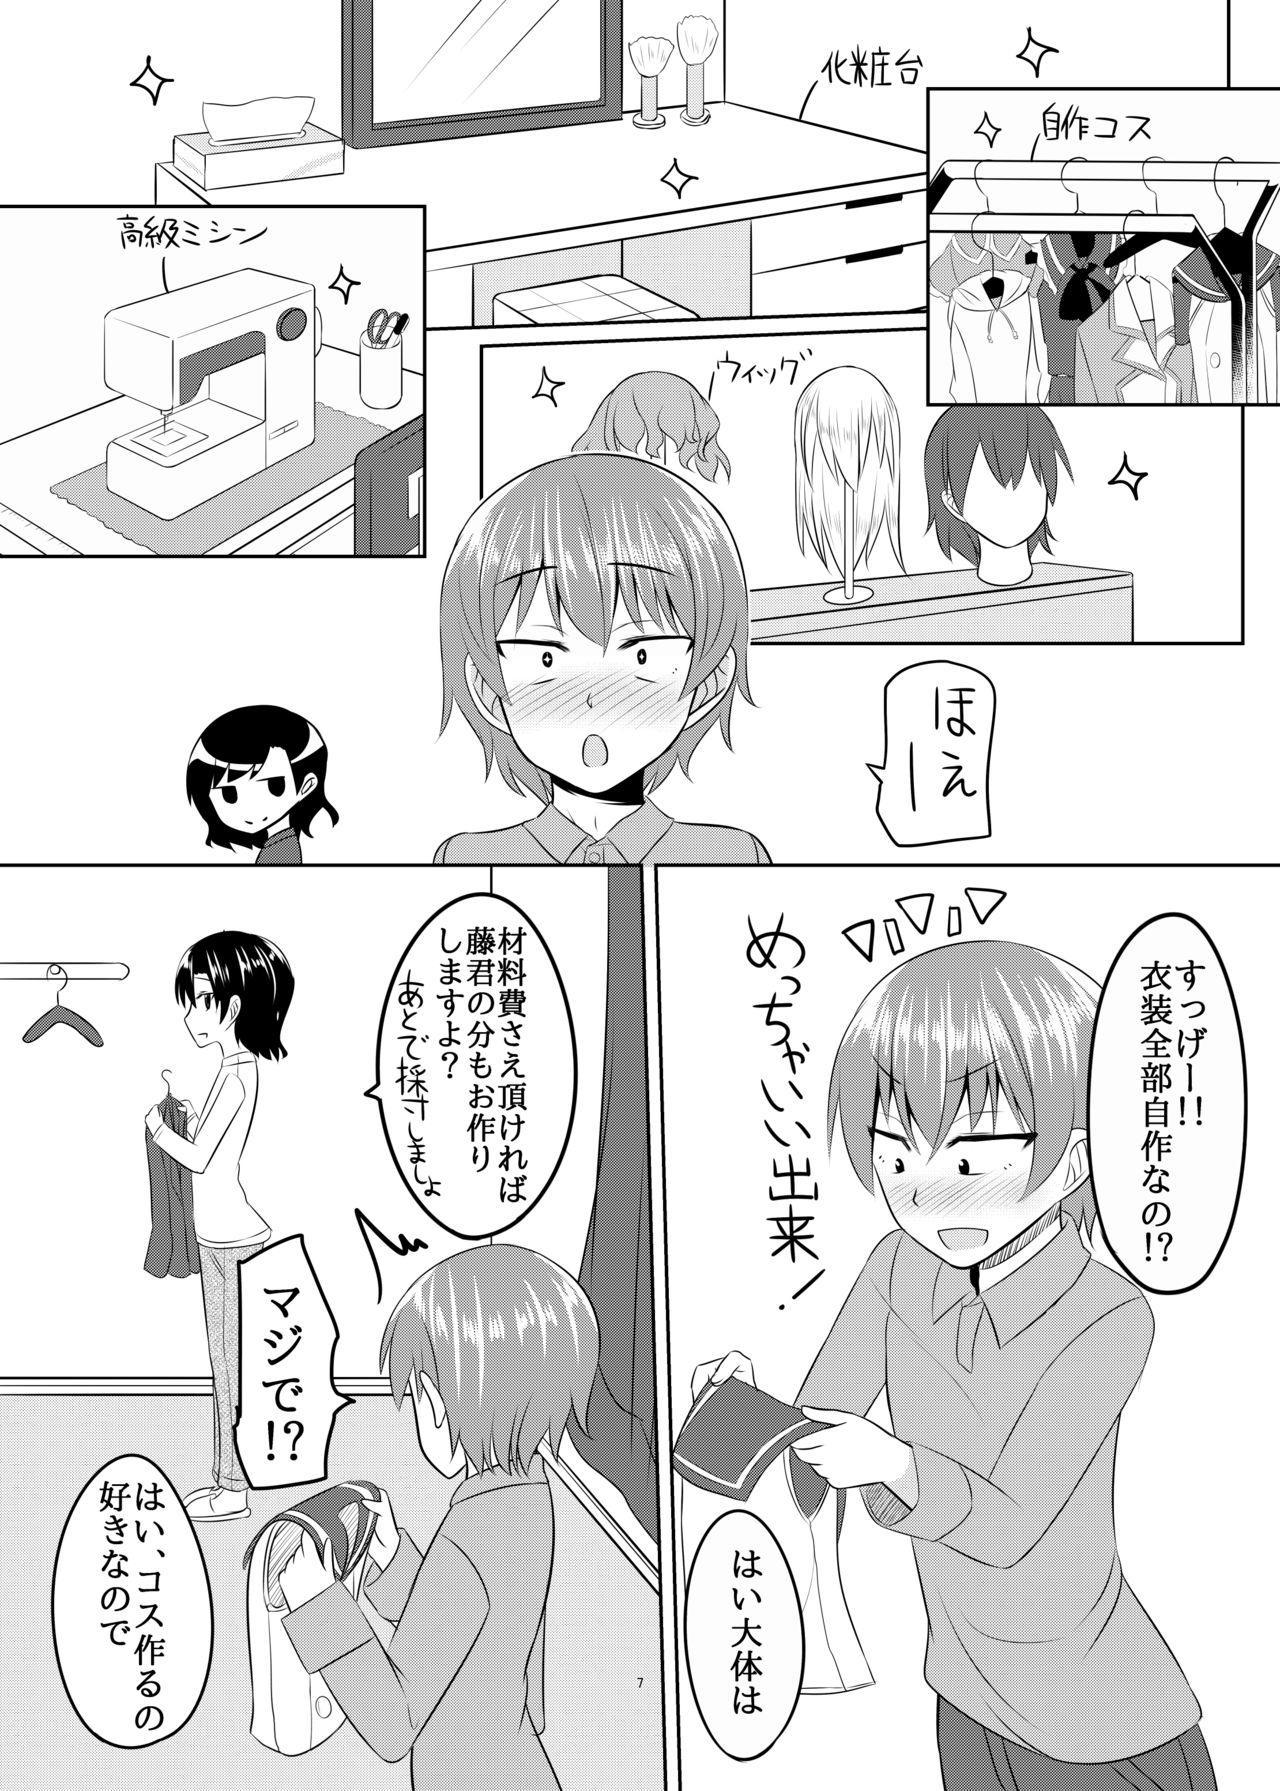 Seiyoku no Sugoi Otokonoko to Tsukiau Koto ni Natta Kekka w 5